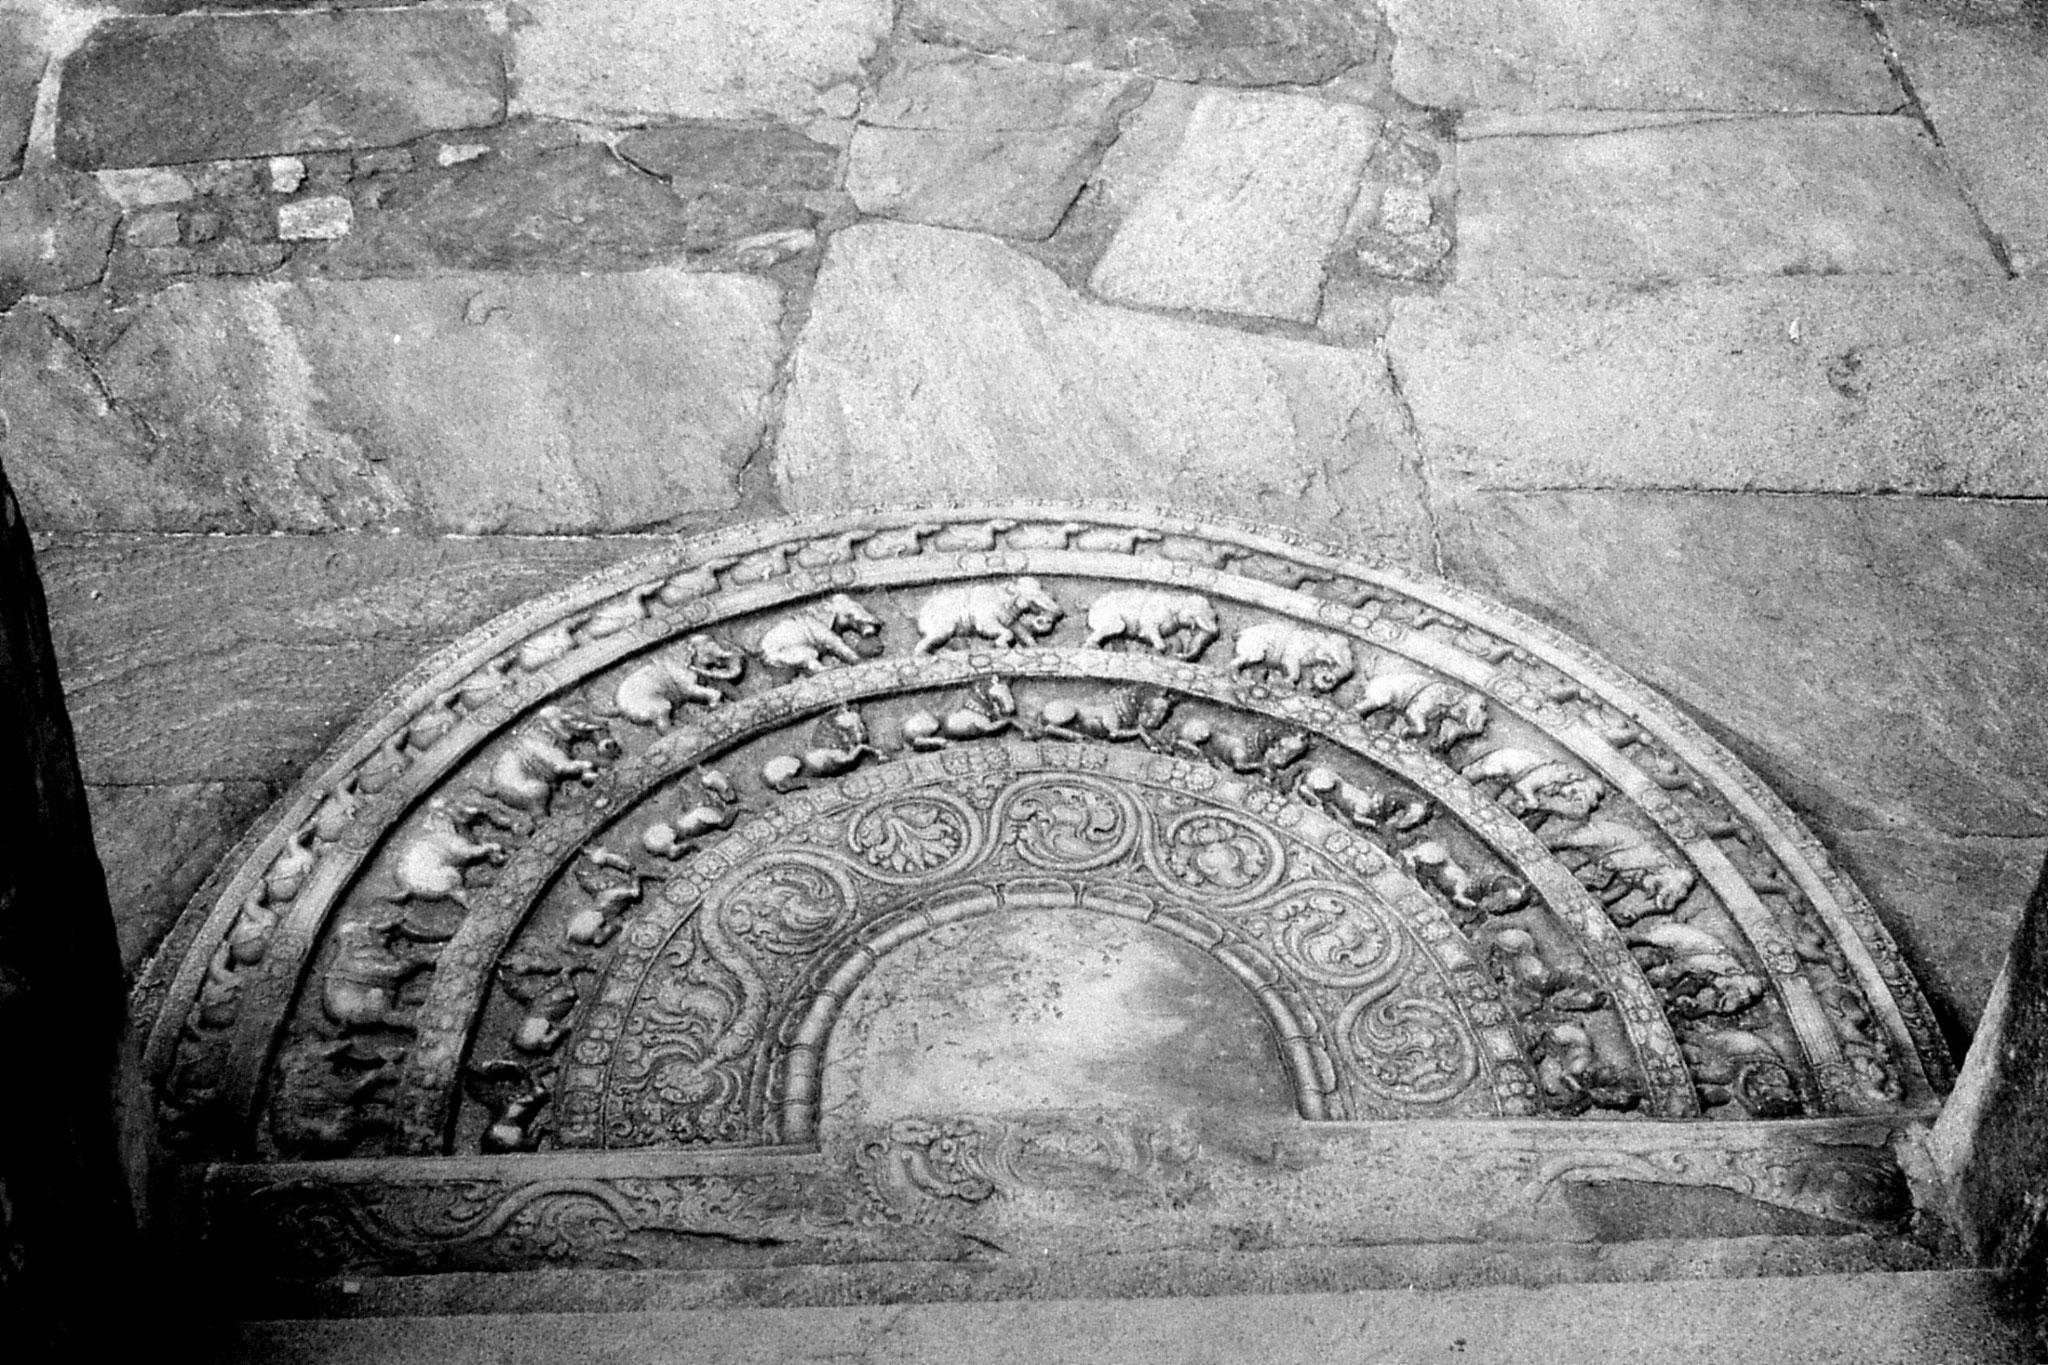 7/2/90: 14: Polonnaruwa